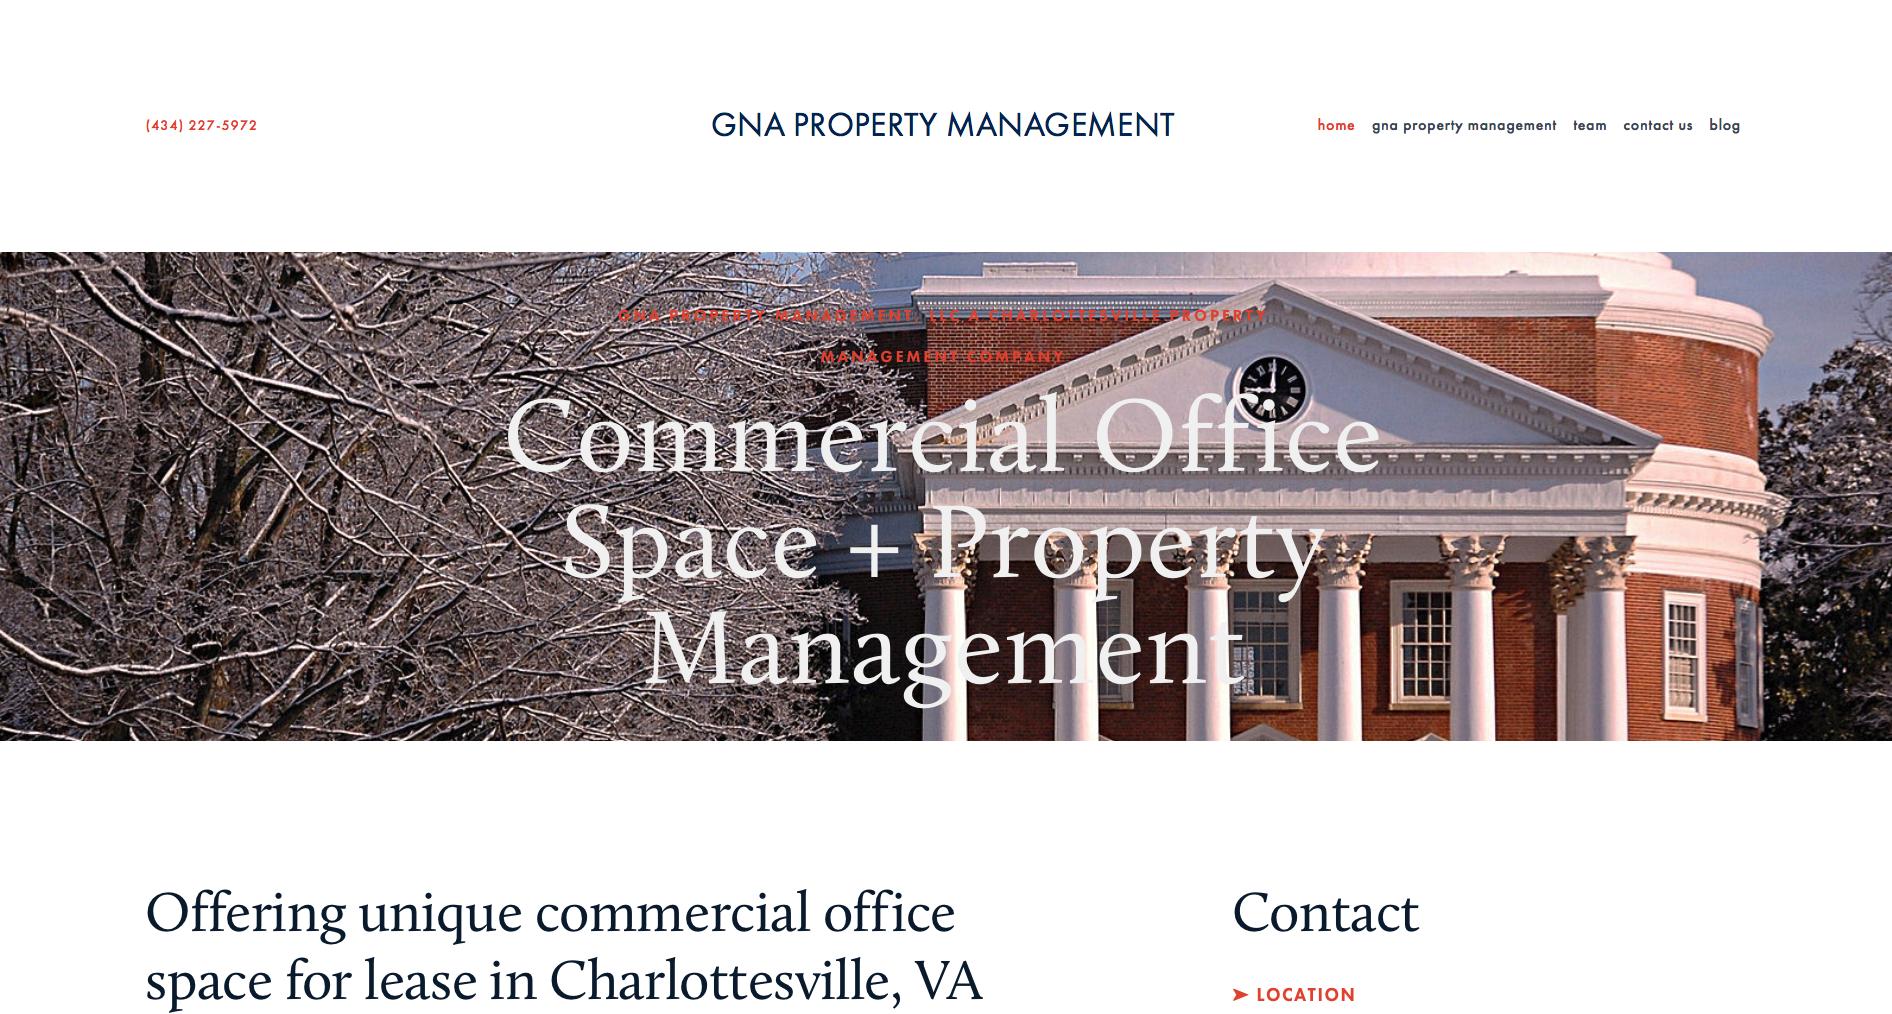 Website Design - GNA Property Management